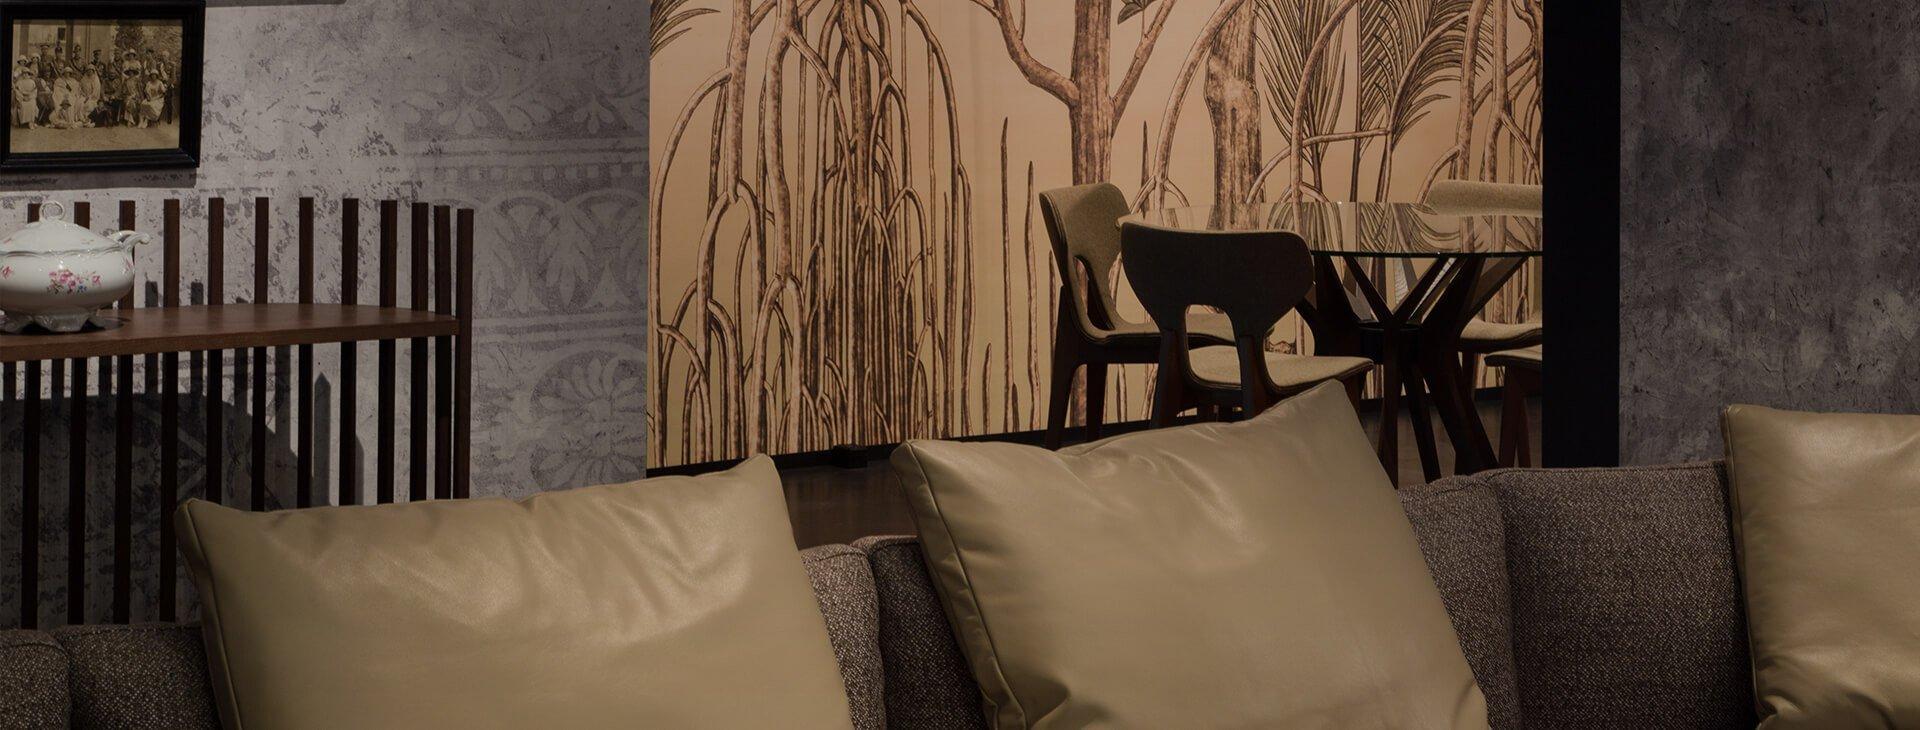 roche bobois ihre brands im stilwerk berlin. Black Bedroom Furniture Sets. Home Design Ideas